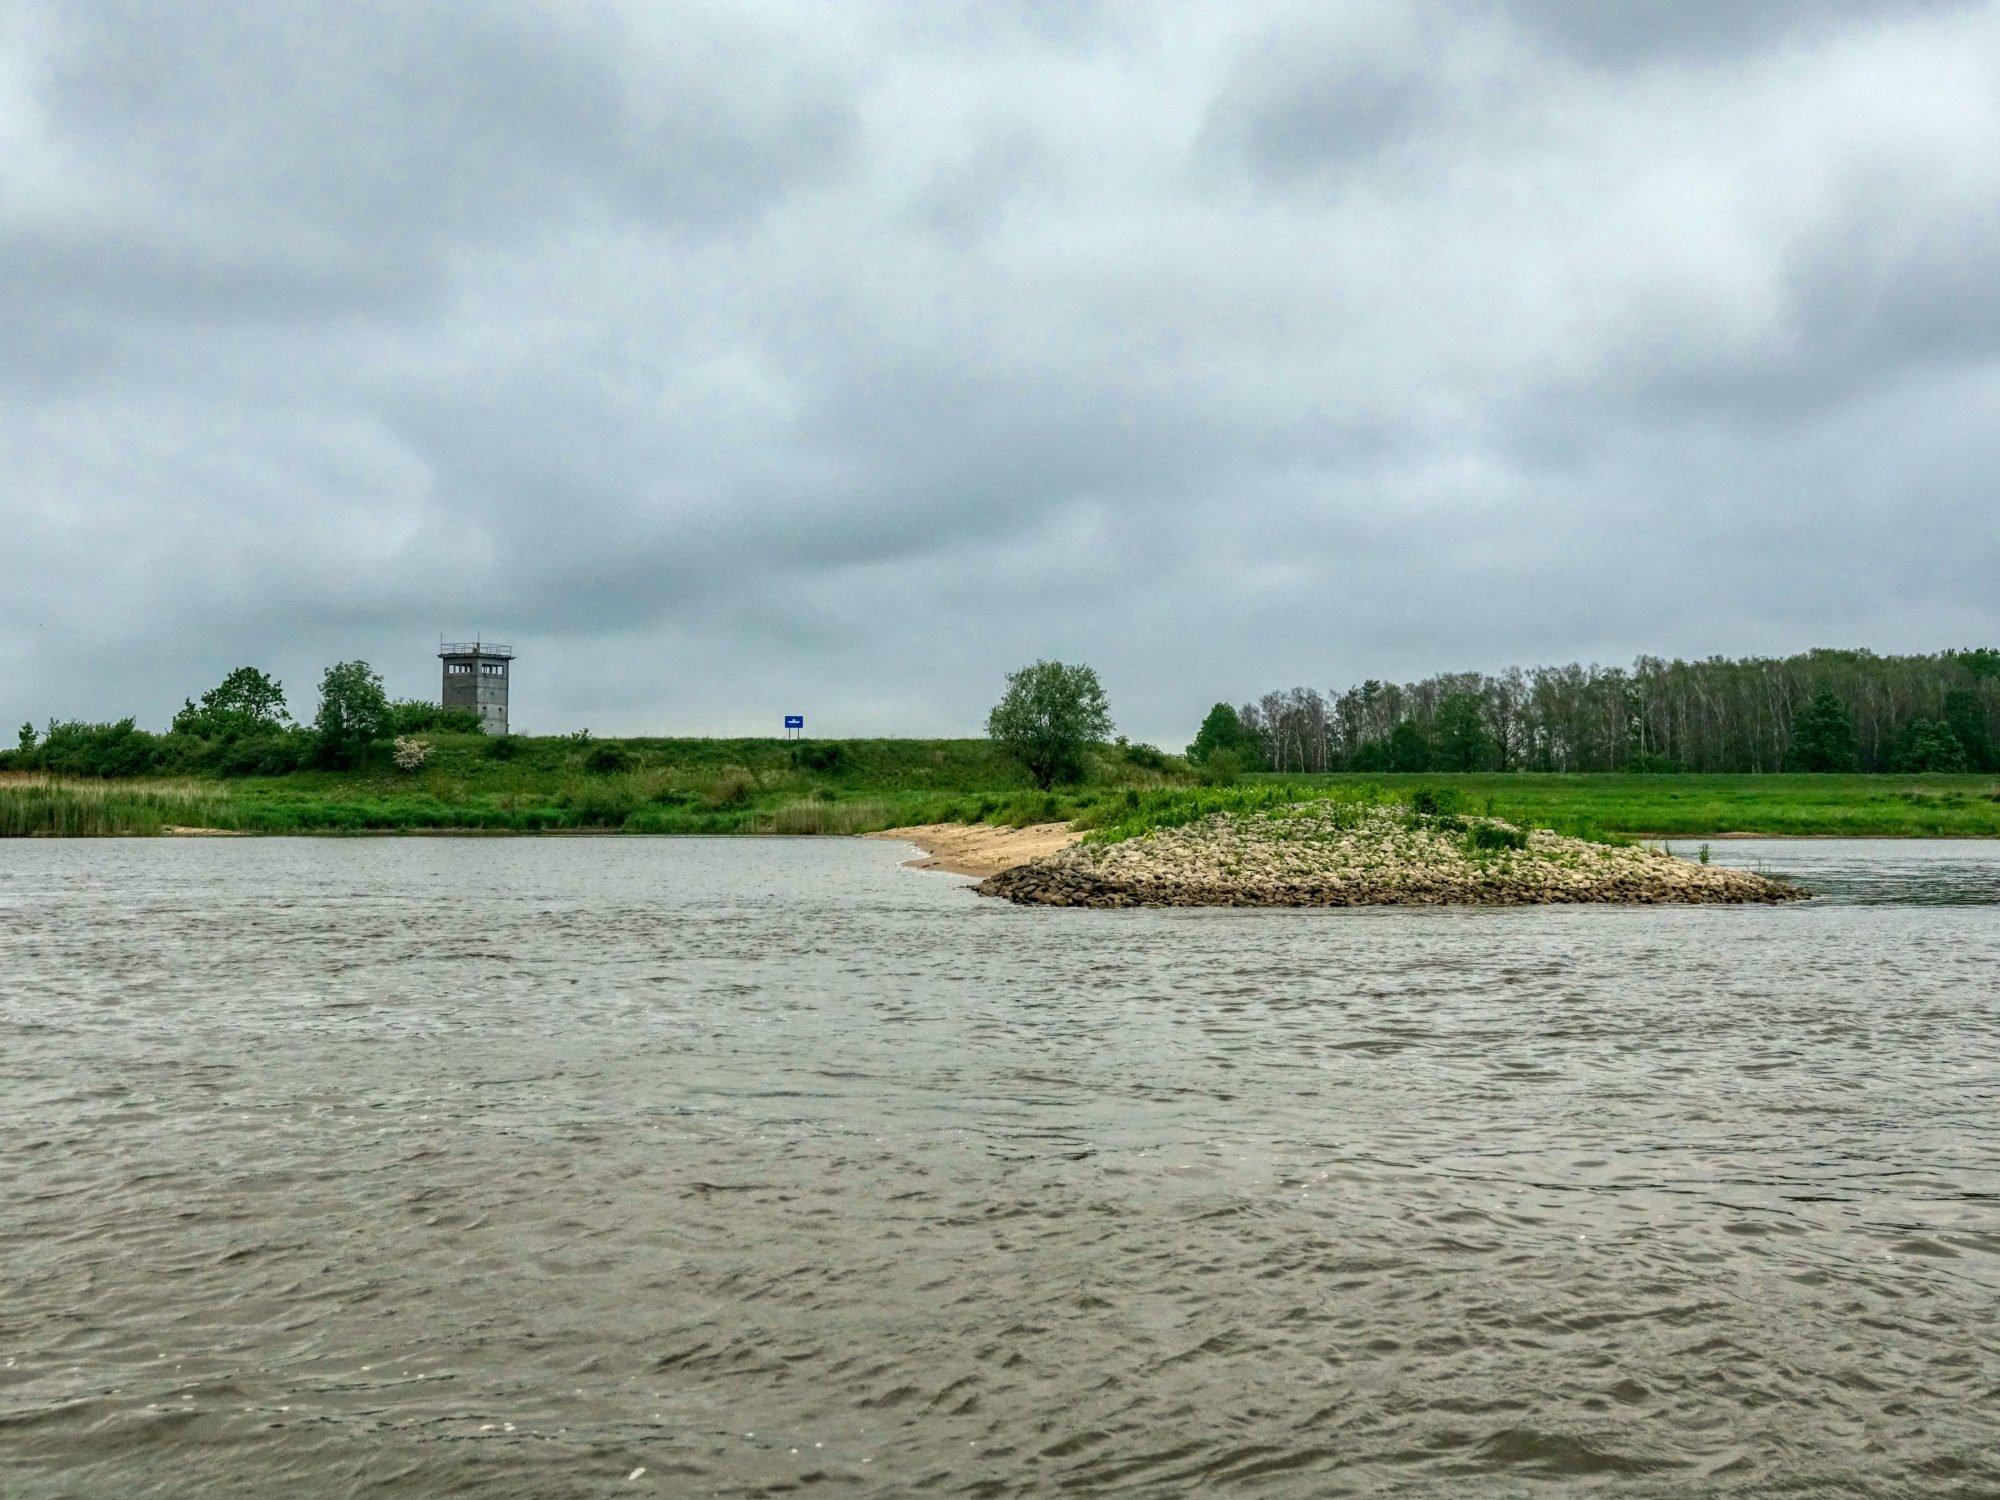 Vorne ist die Elbe zu sehen, im Hintergrund Gras und Bäume sowie ein alter Grenzwachturm.